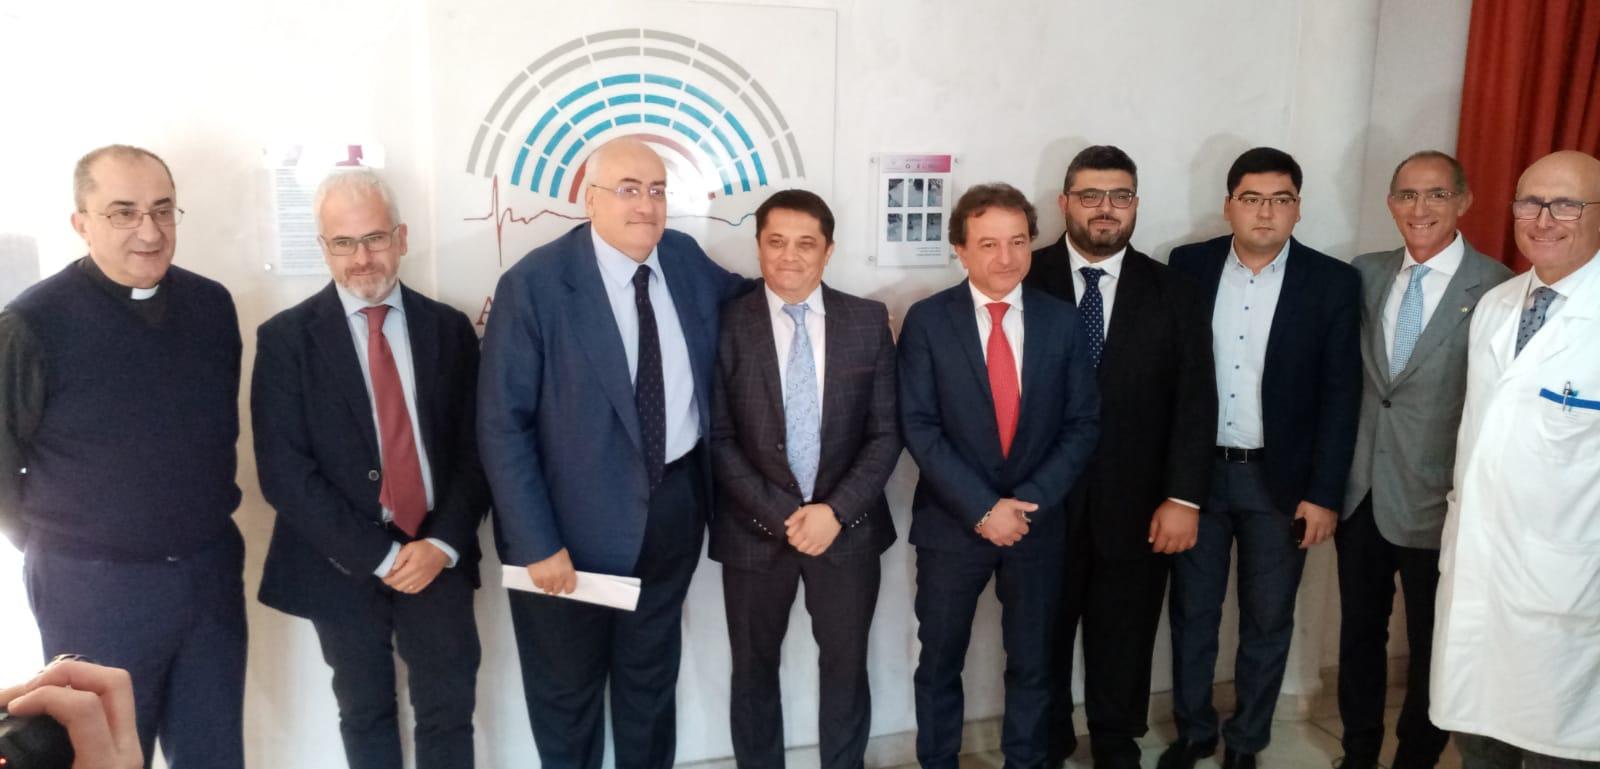 Benevento| Nel Sannio tirocini di medici dell'Uzbekistan. Ferrante: opportunità formativa